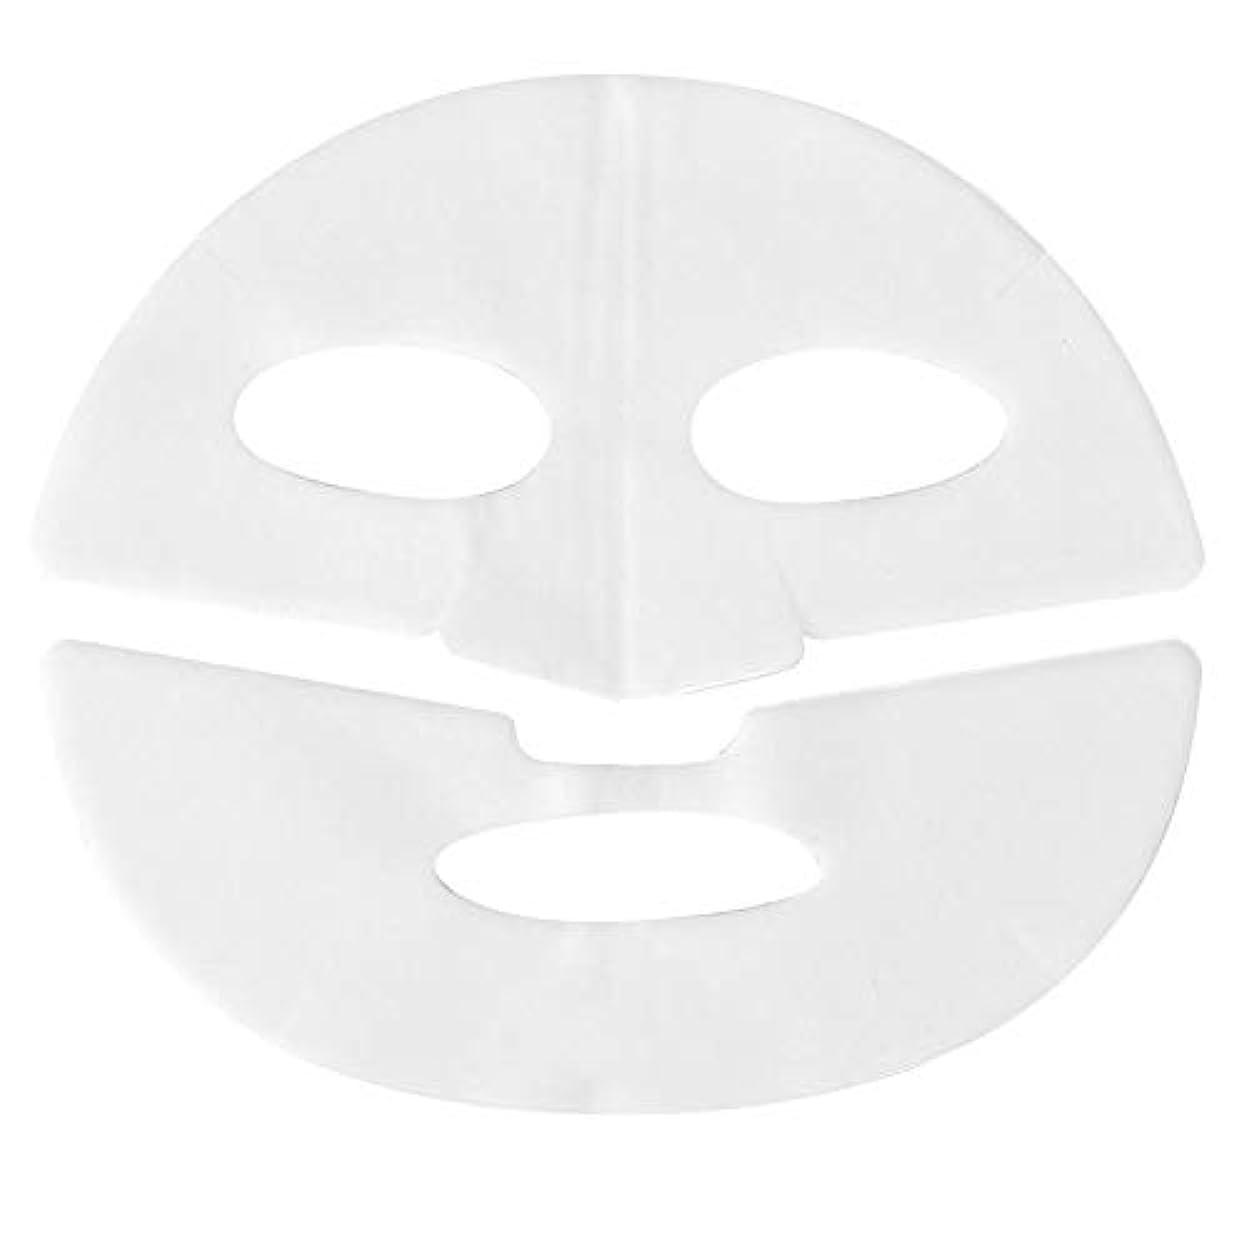 セメント決して引き金10 PCS痩身マスク - 水分補給用V字型マスク、保湿マスク - 首とあごのリフト、アンチエイジング、しわを軽減